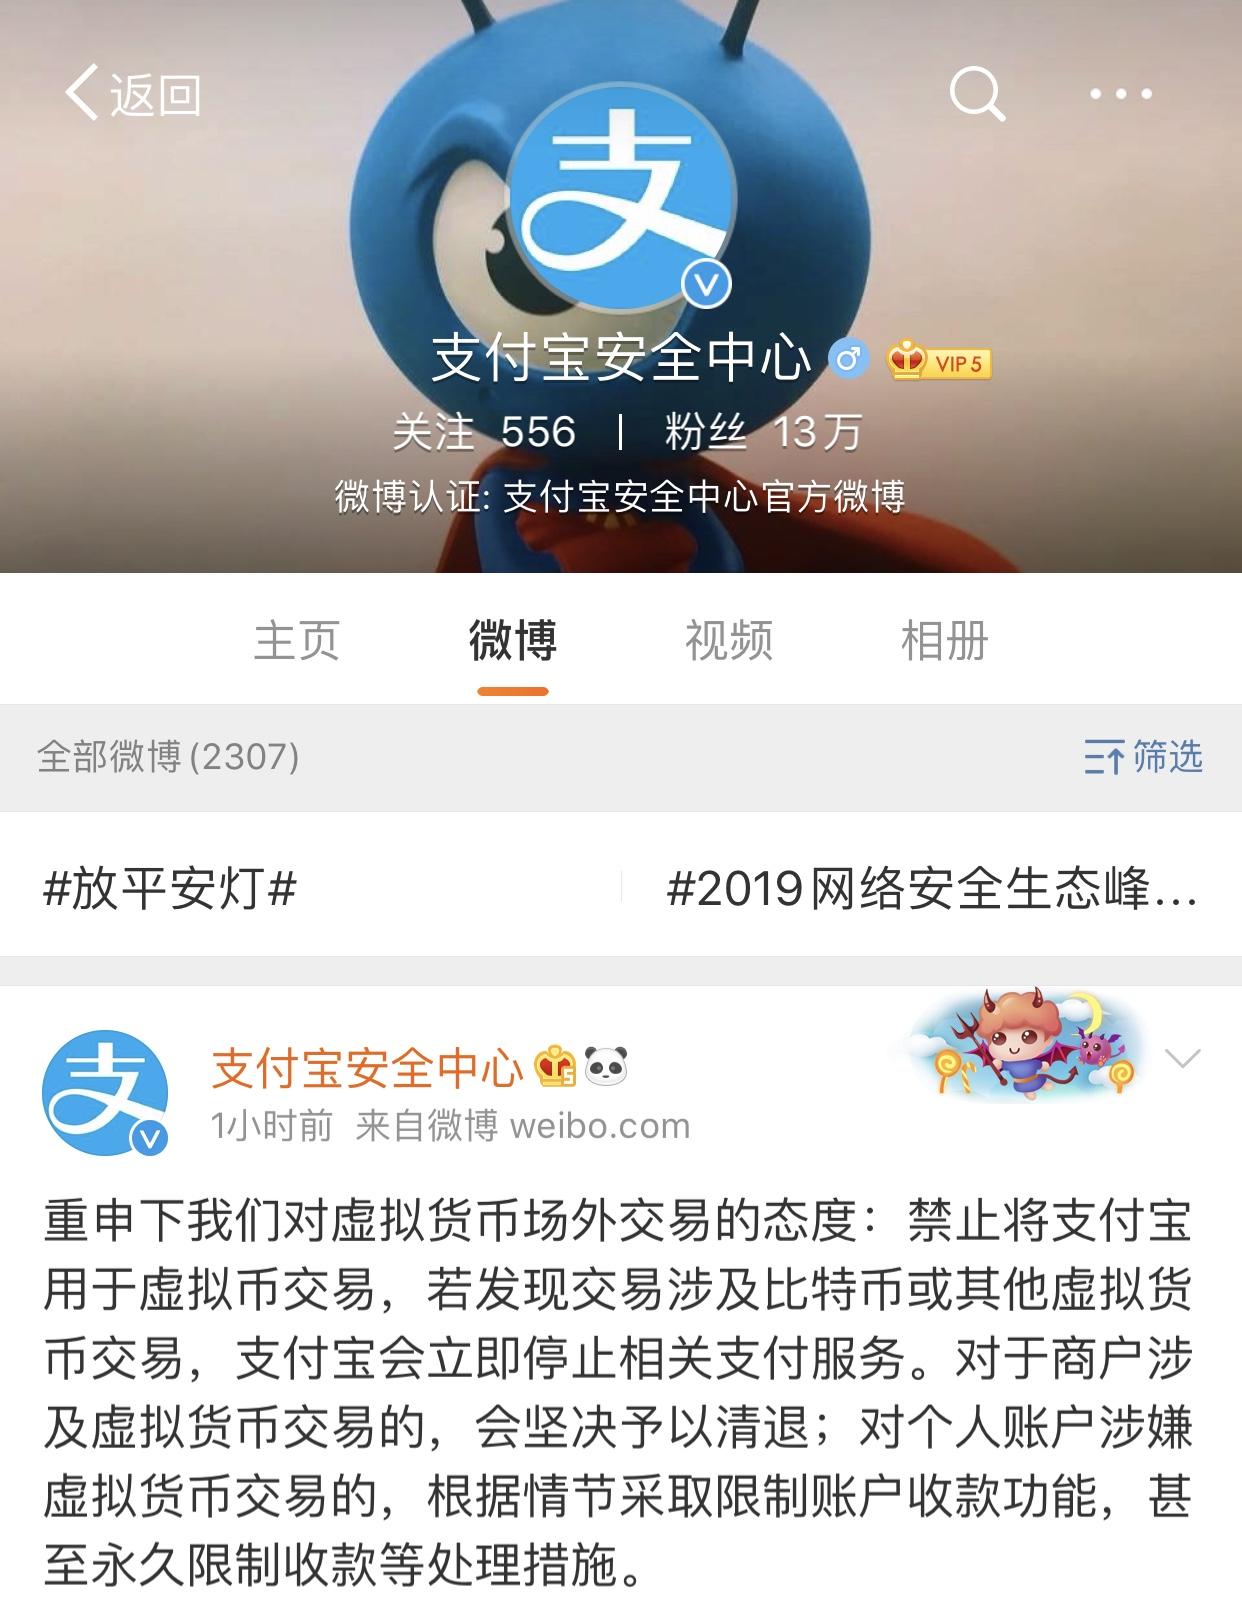 http://www.xqweigou.com/zhifuwuliu/69232.html